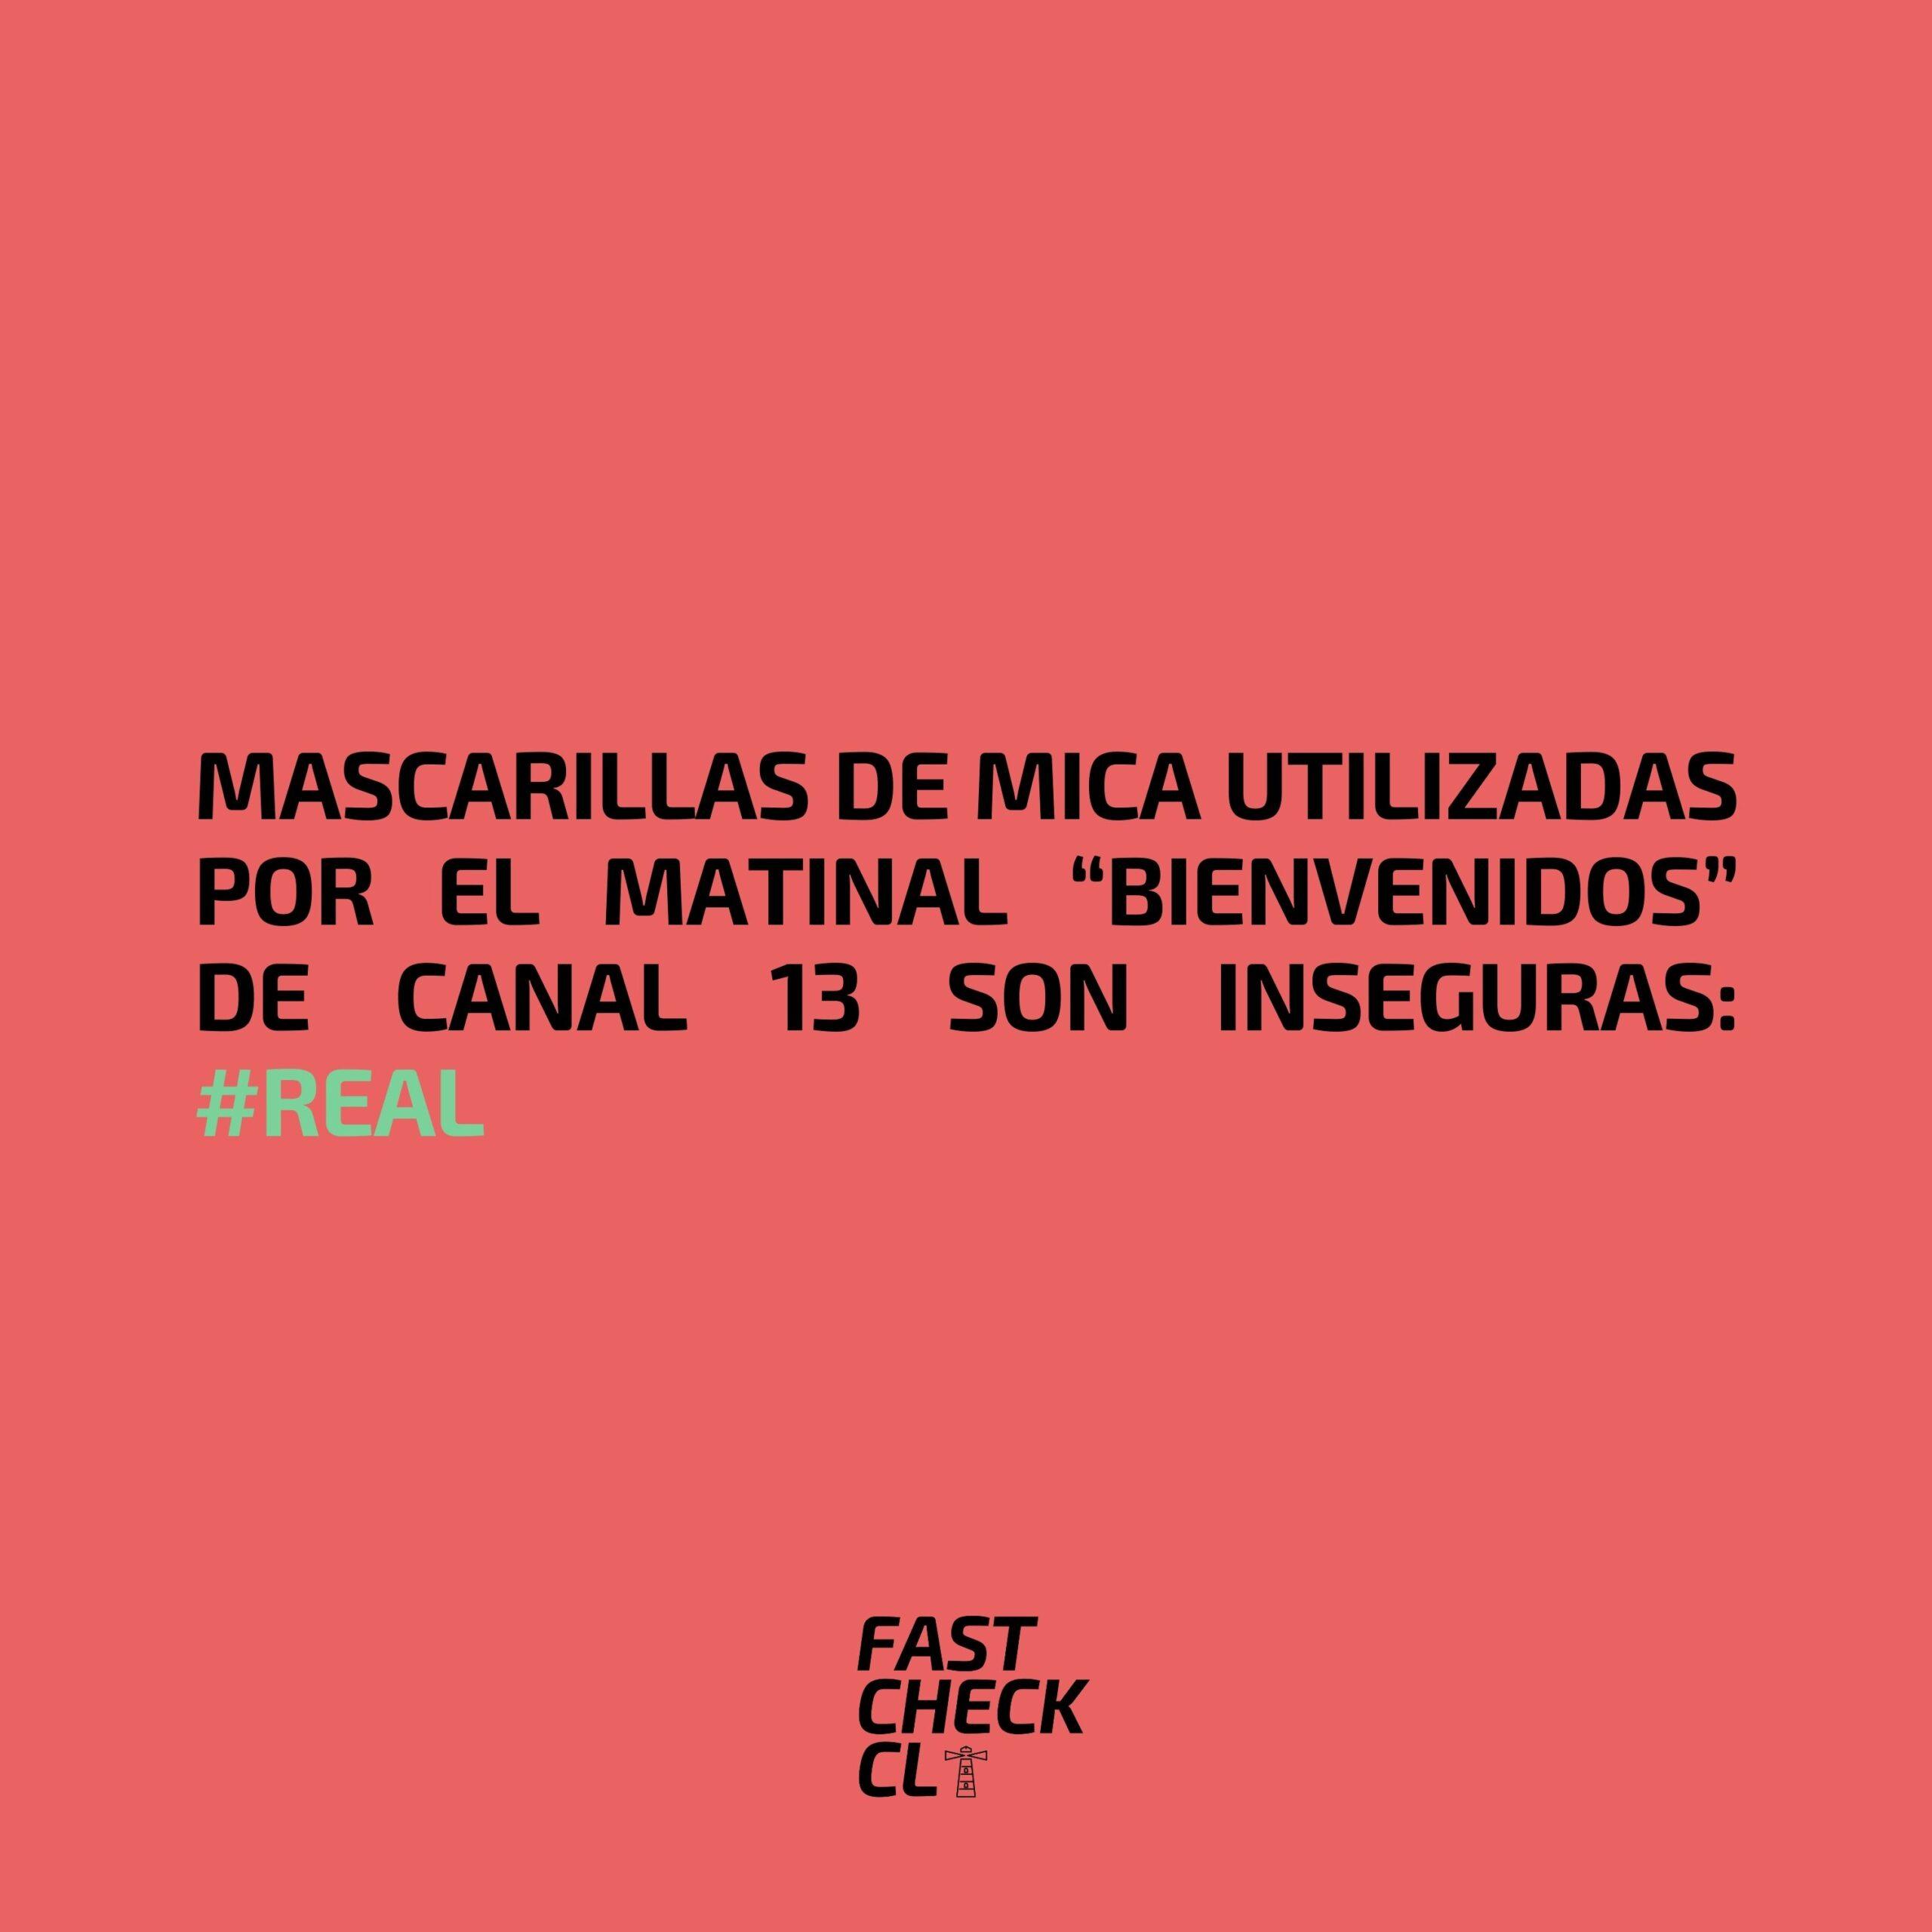 """Read more about the article Mascarillas de mica utilizadas por el matinal """"Bienvenidos"""" de Canal 13 son inseguras: #Real"""